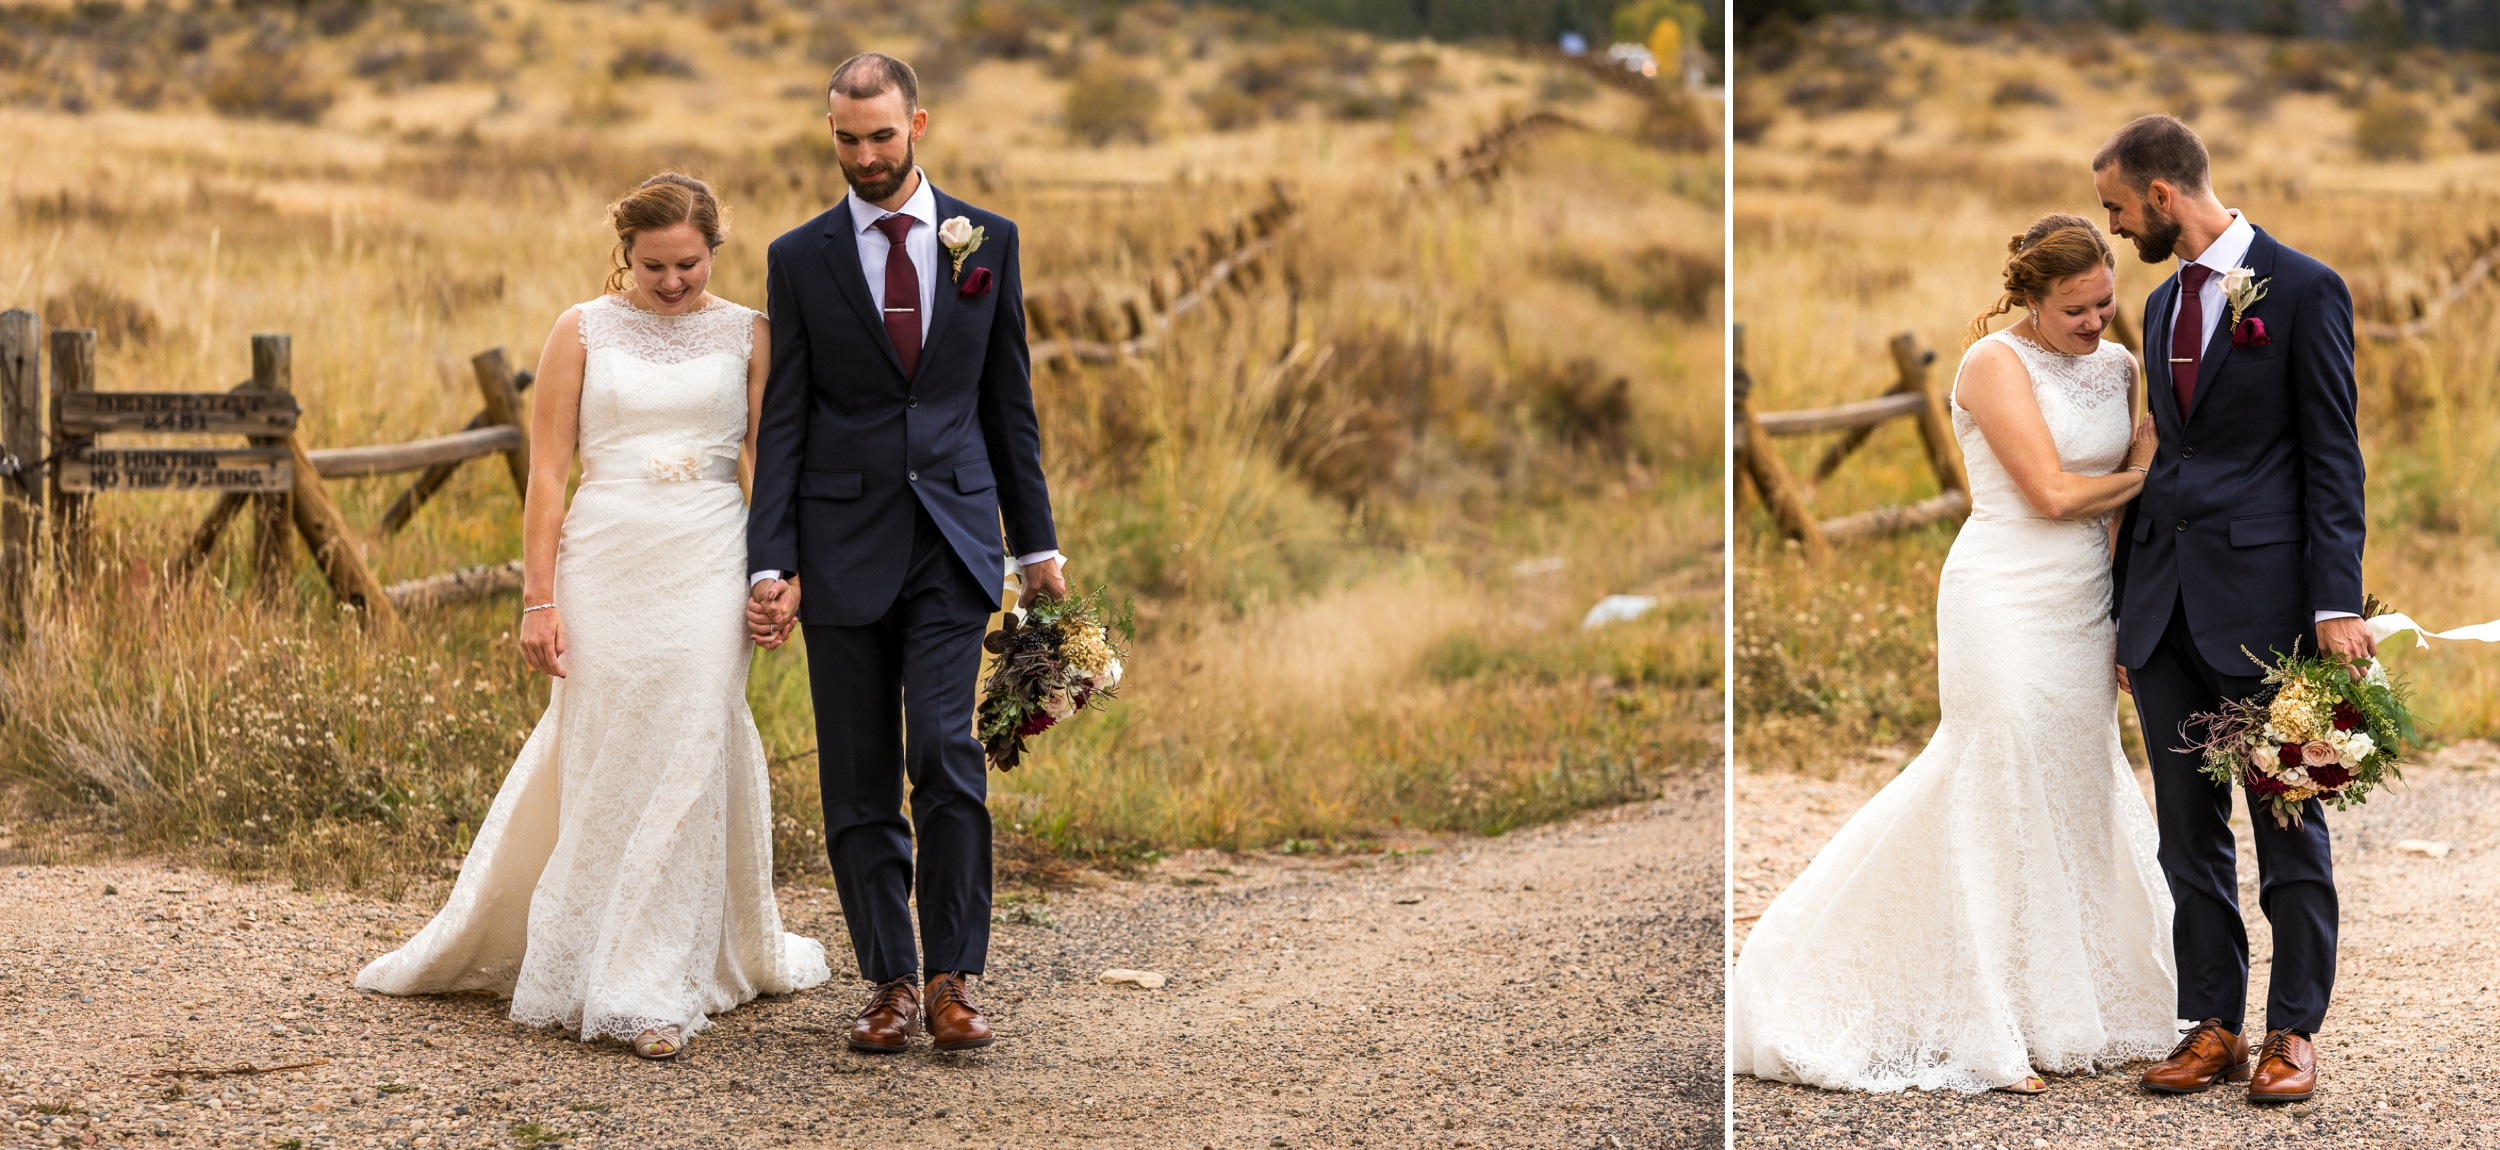 Stanley_Hotel_Estes_Park_Colorado_Wedding_Kristopher_Lindsay_ 8.jpg